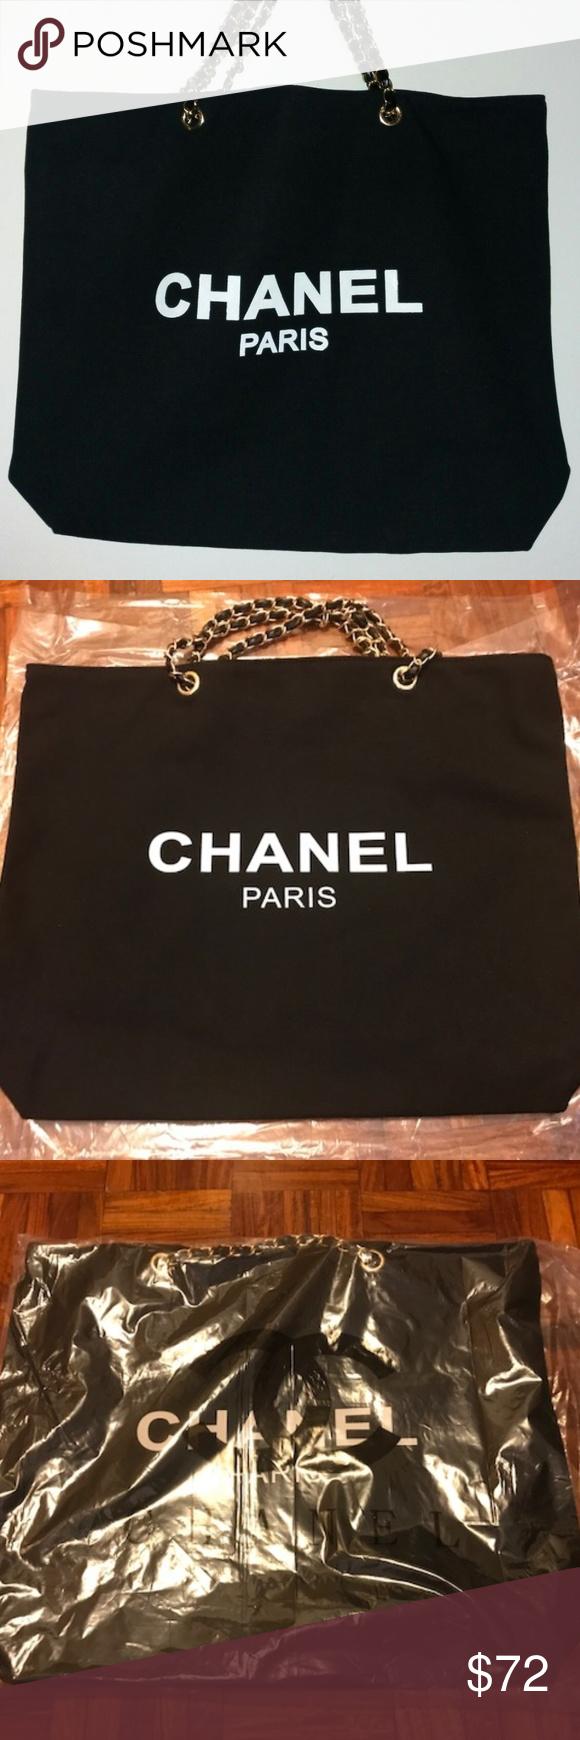 87f3585a5245e0 Chanel VIP Gift Canvas Tote Bag Shopper Bag CHANEL VIP Black Canvas Tote  Bag Shopping Travel